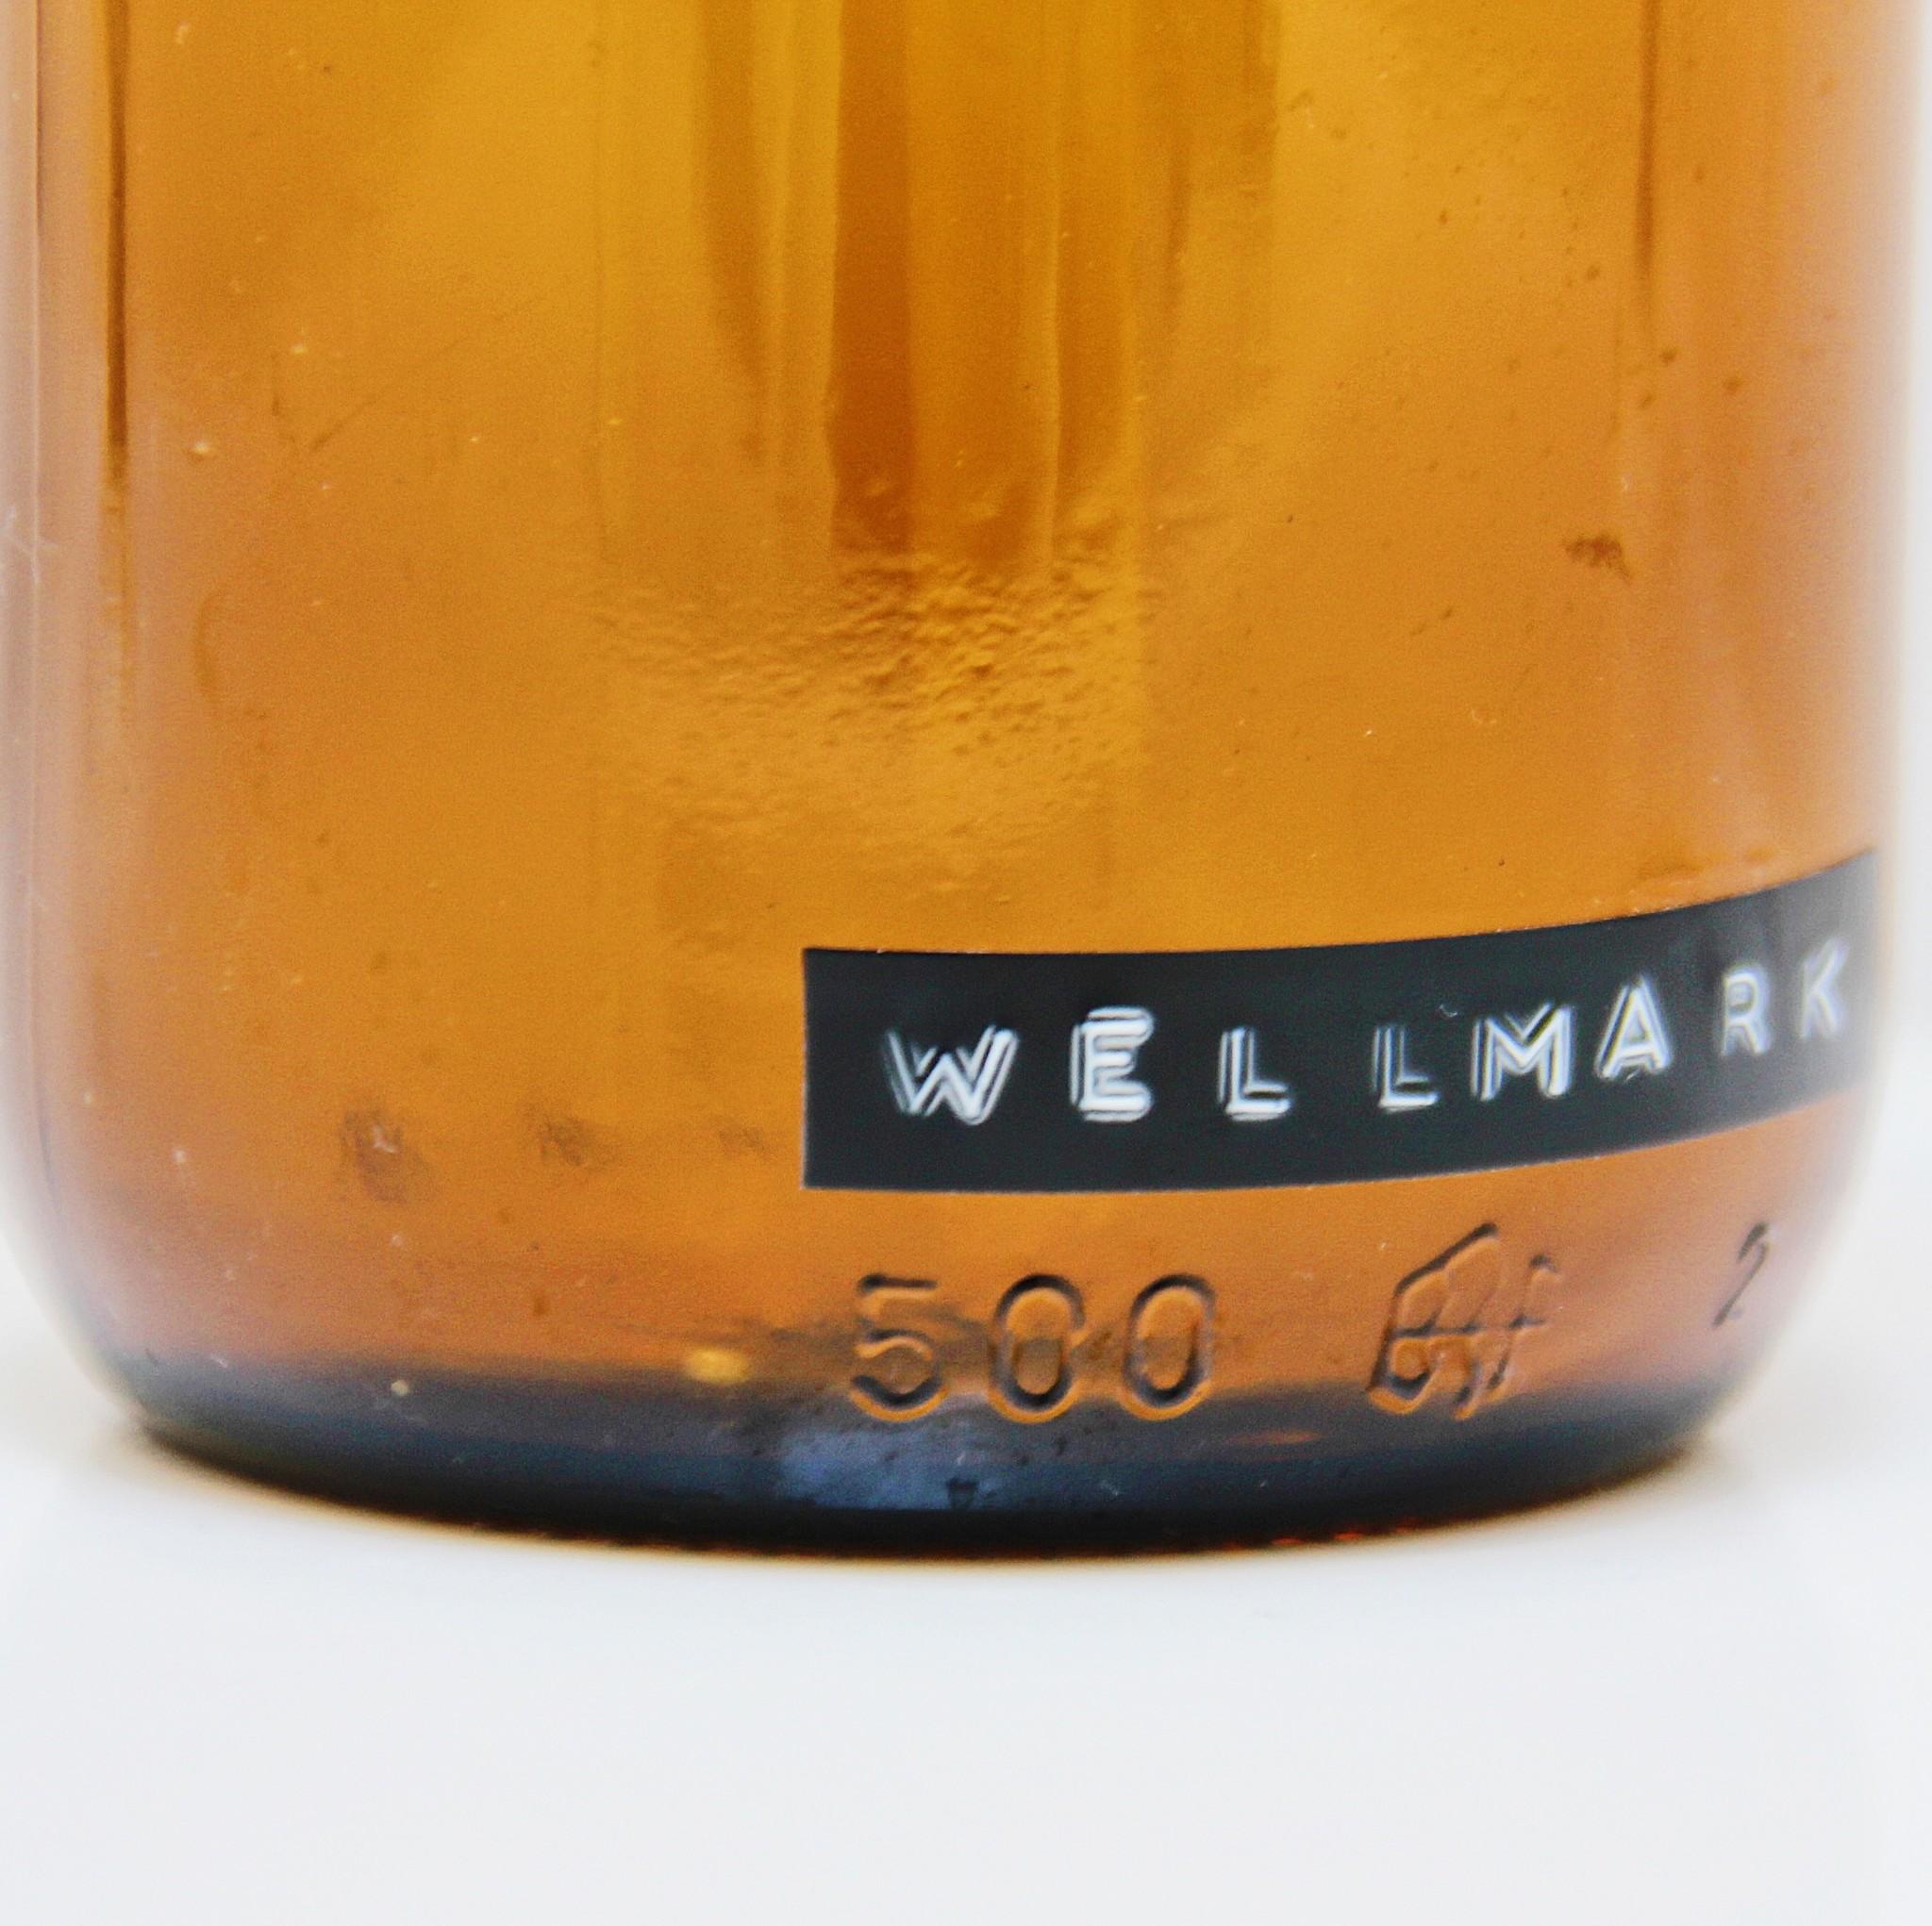 Wellmark Handzeep in glas